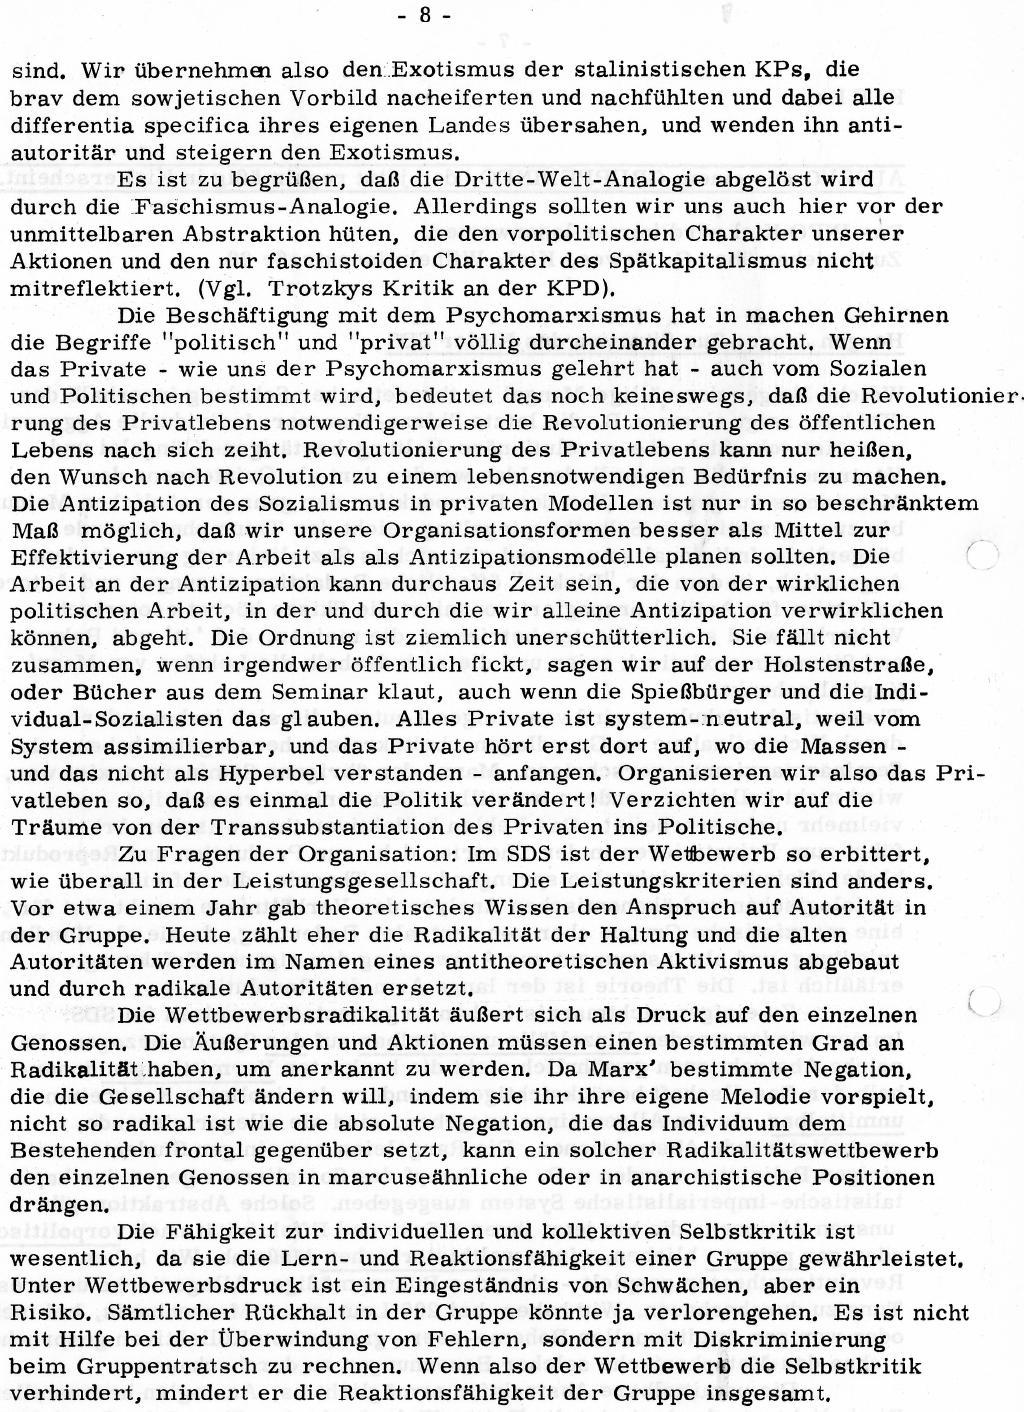 RPK_1969_Sonder02_08